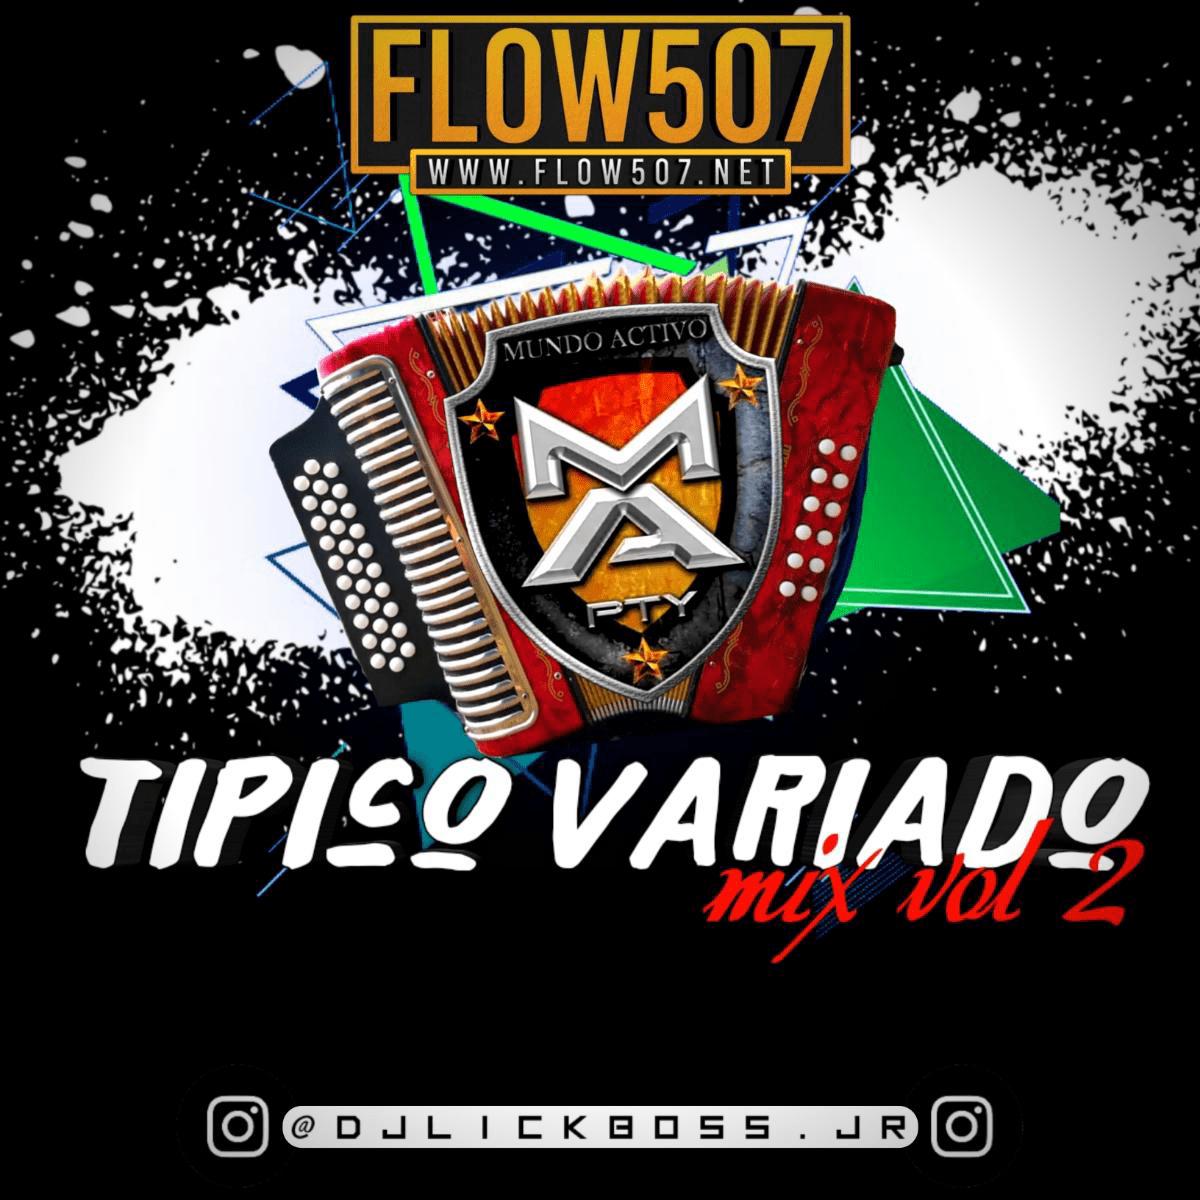 @DjLickboss.Jr - Tipico Variado Vol.2 by Mundo Activo